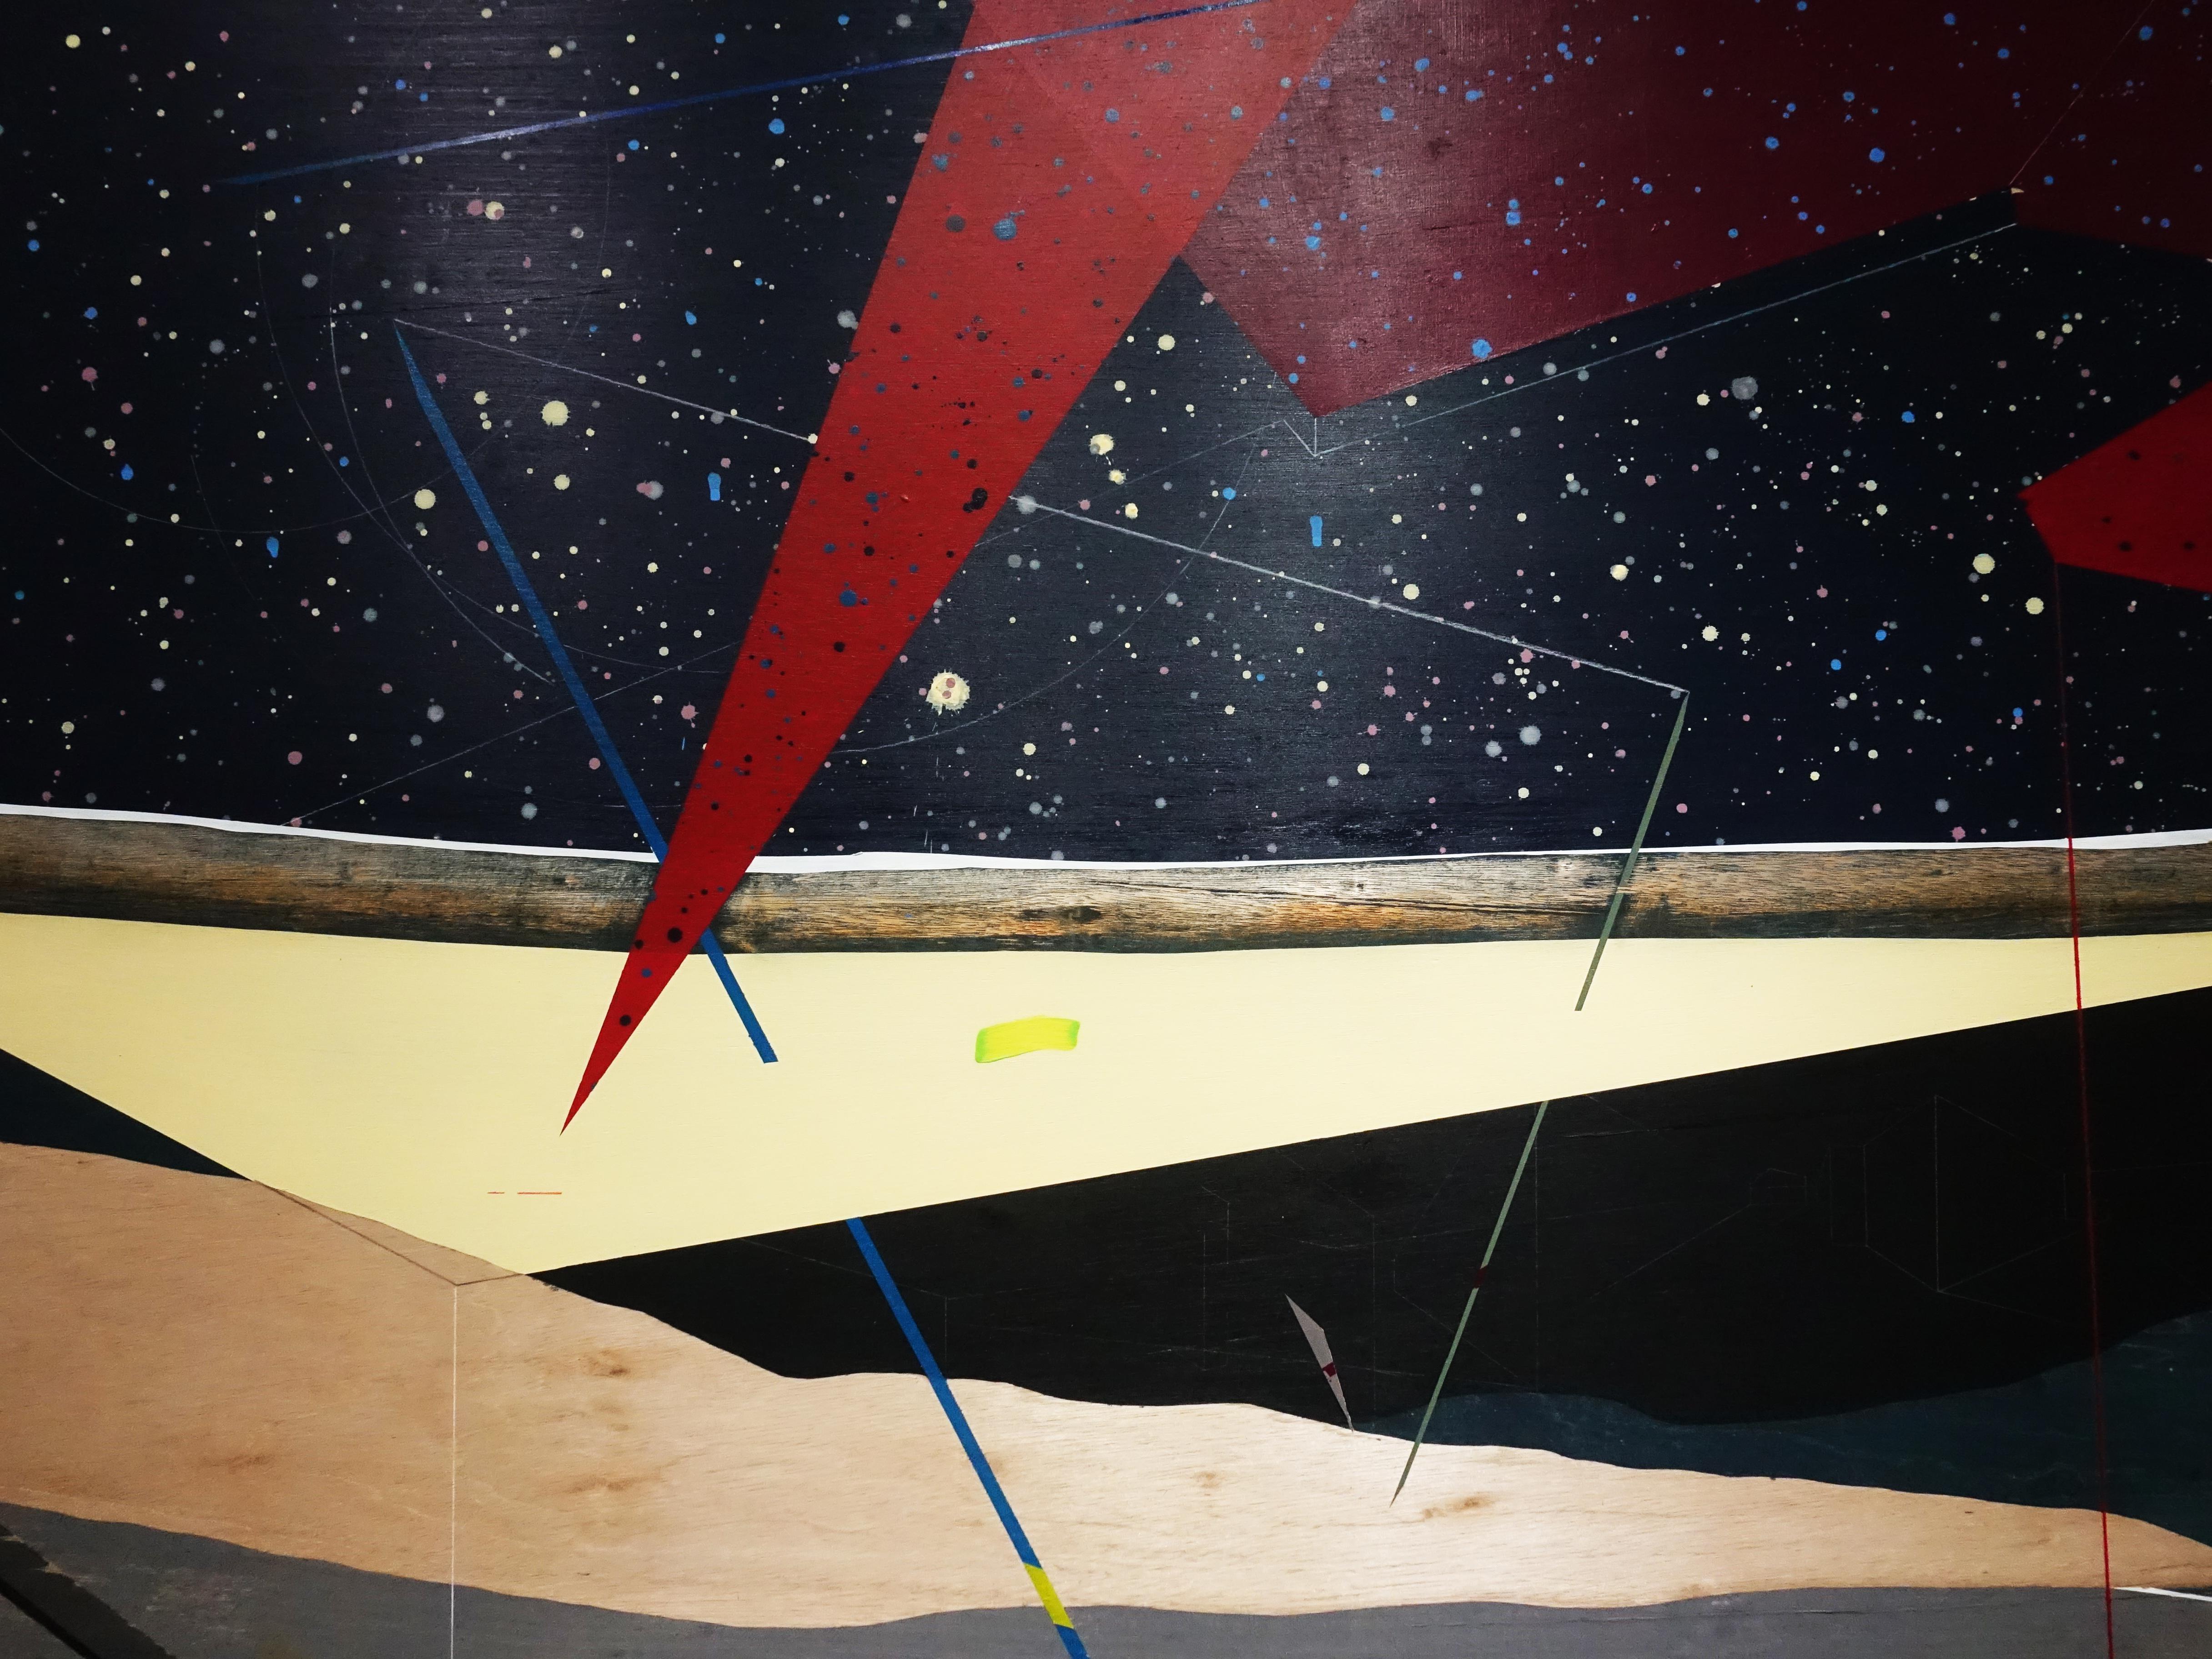 張獻文,《移植∞繁殖計畫24》系列,120x120x5 cm,木板、丙烯酸顏料、炭精筆、鉛筆,2019。